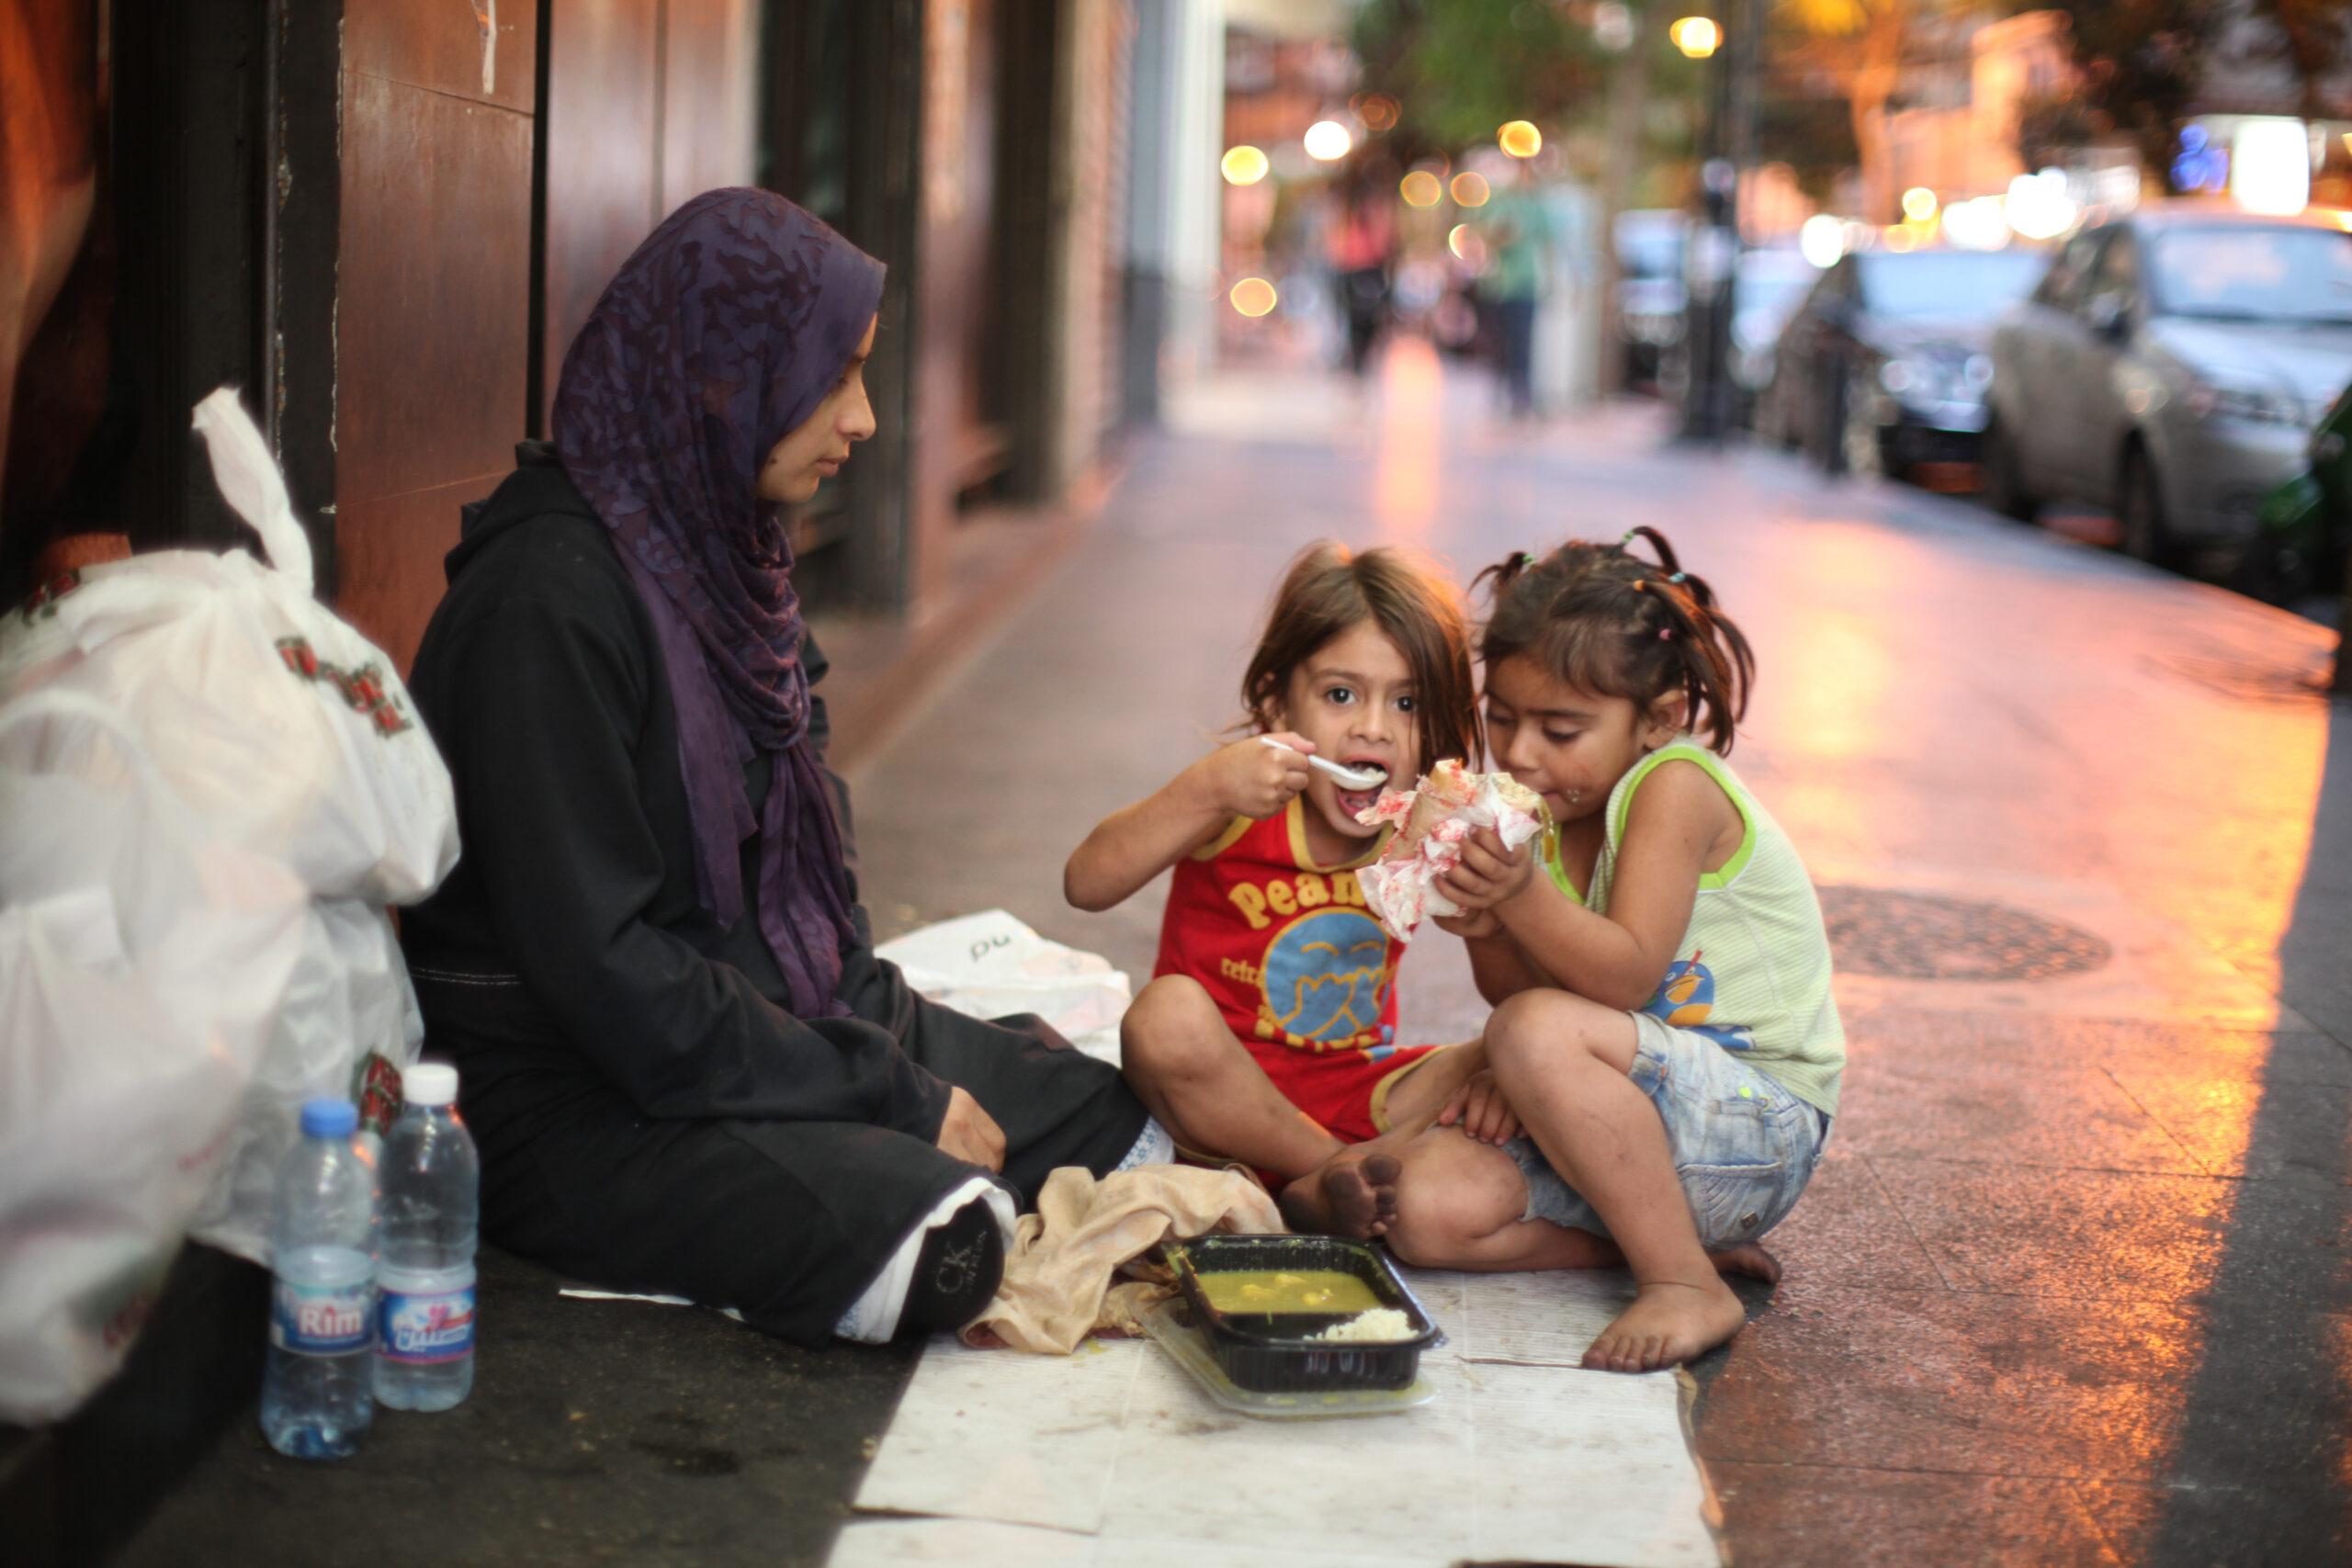 التبني غير القانوني: الأم المتخلية تاجرة أم ضحية للإتجار بالبشر؟